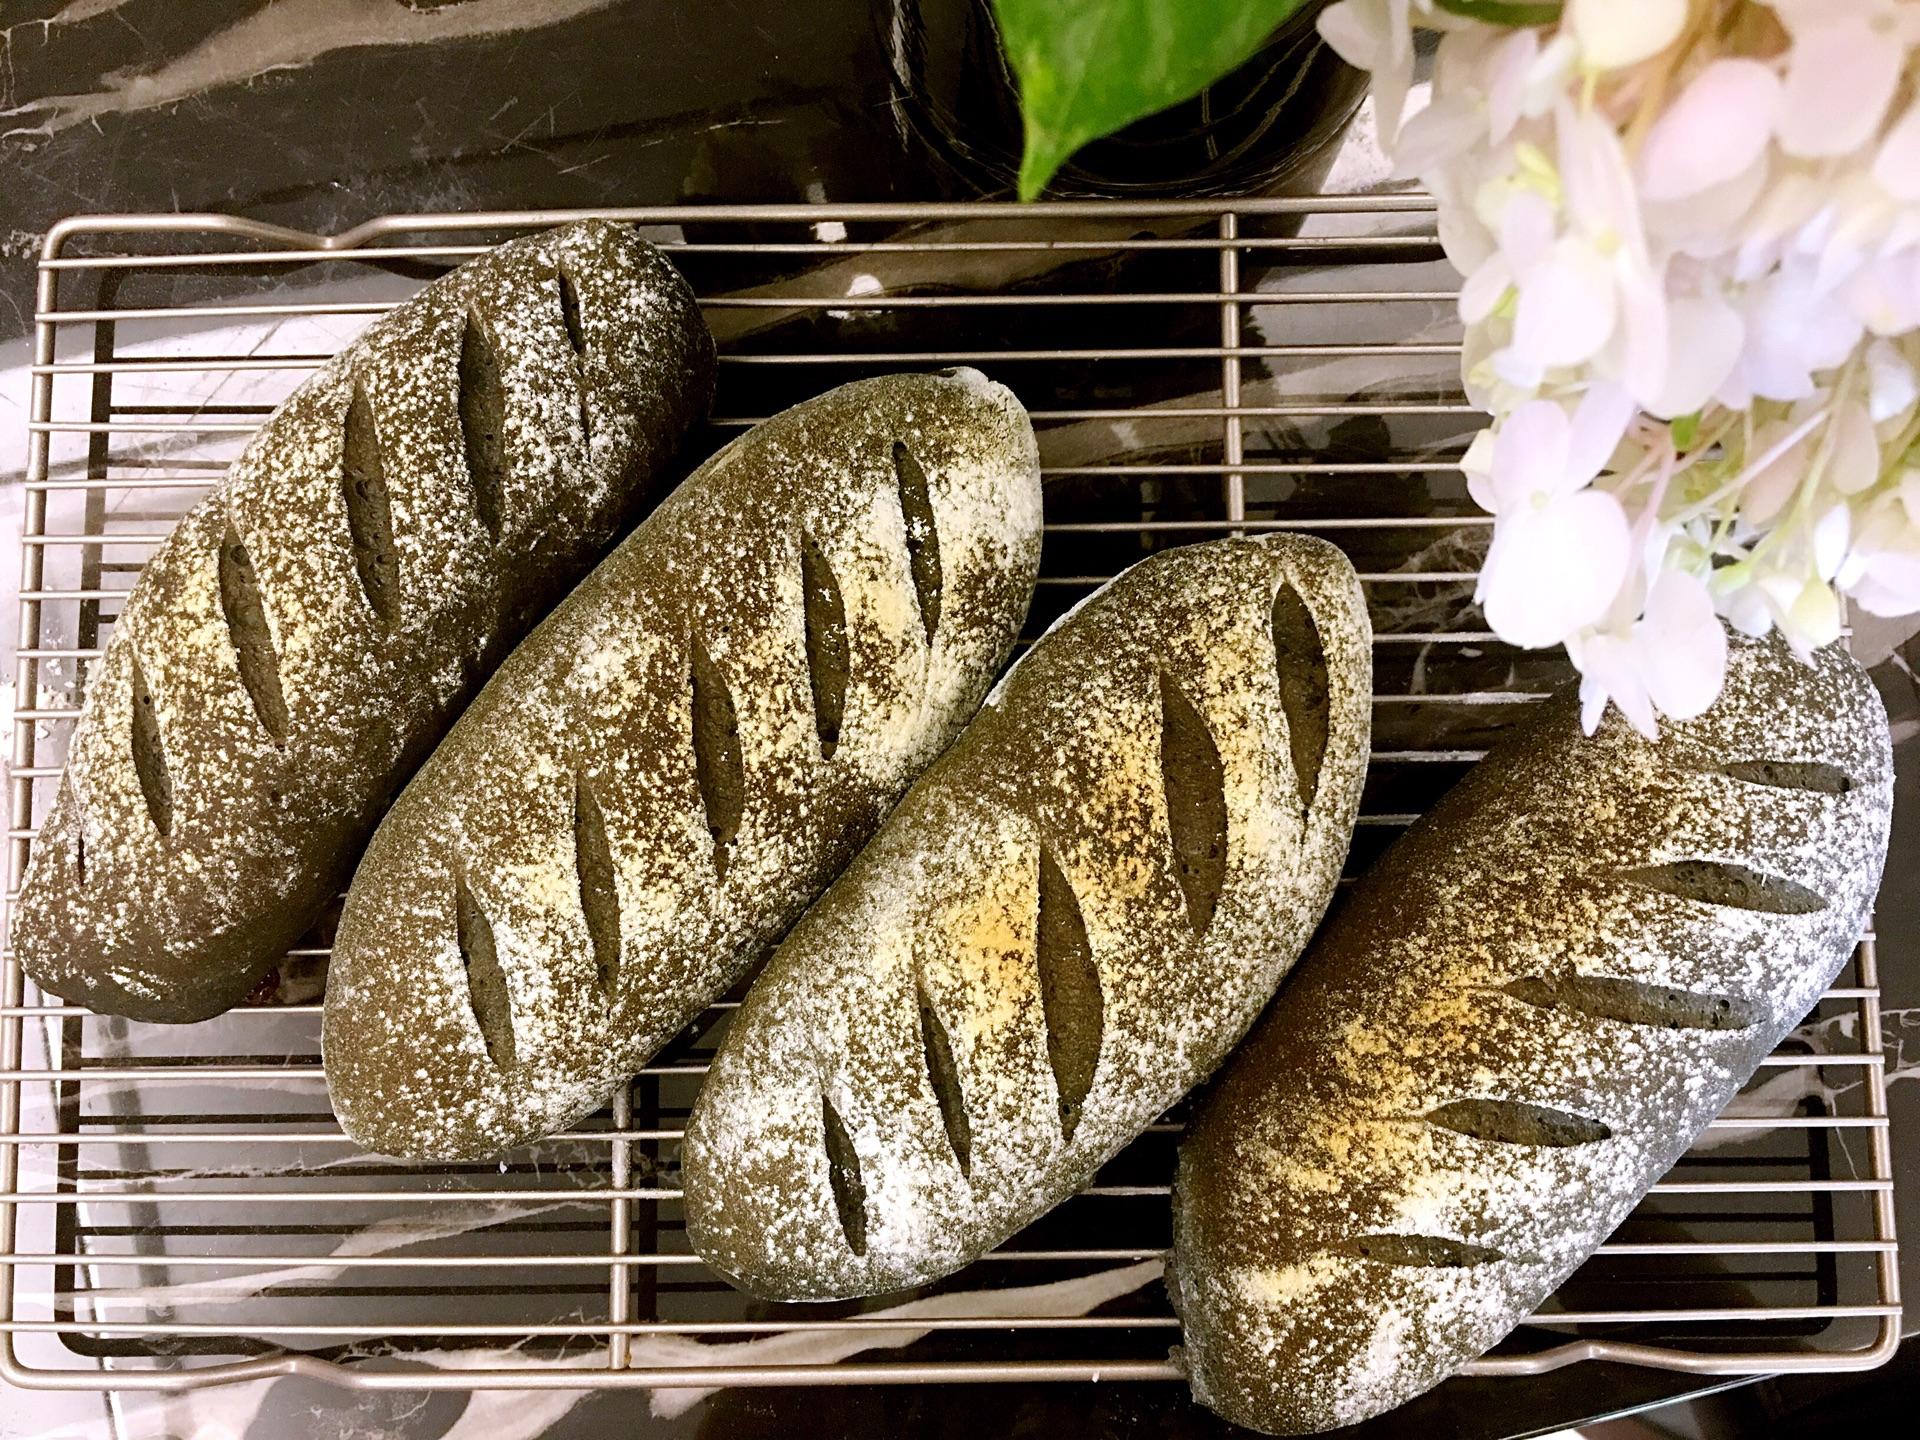 将面包送入烤箱中层,烘烤12-15分钟左右即可.图片